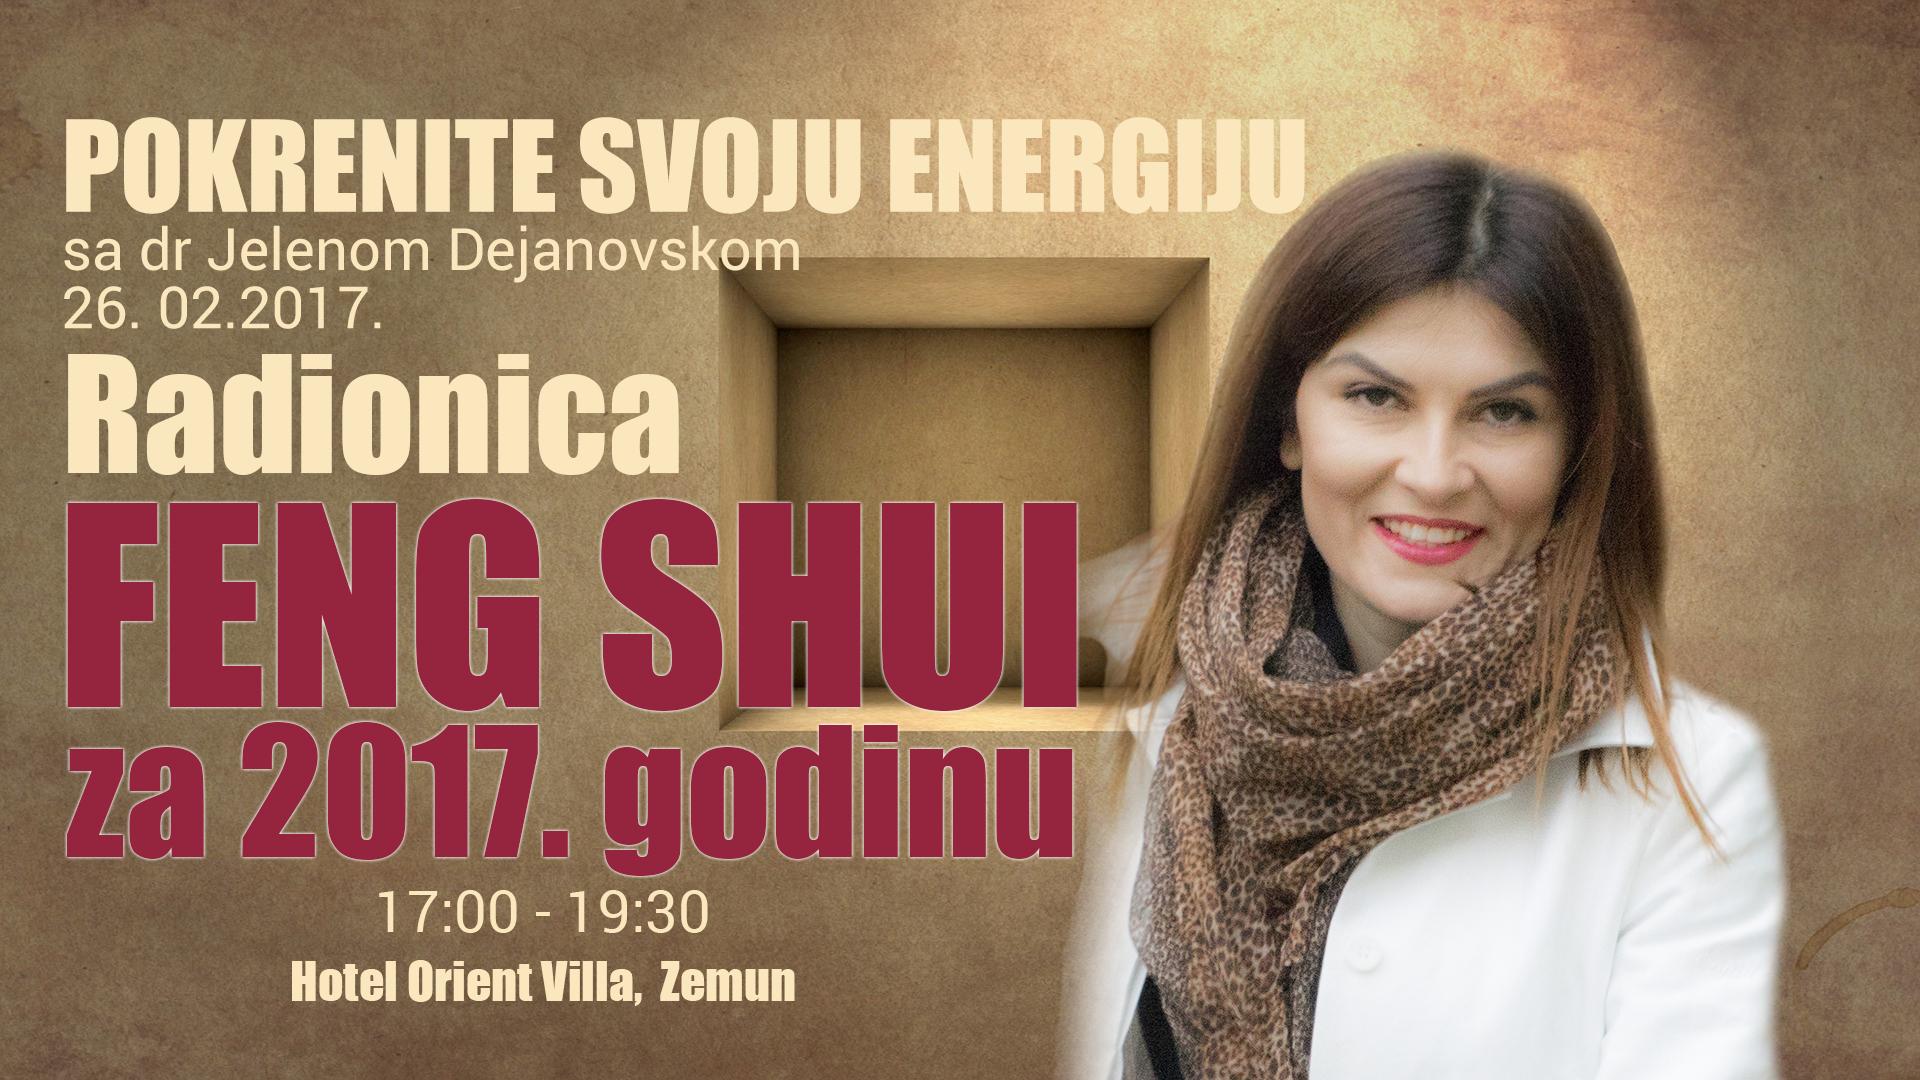 Radionica Nova godina 2017 sa tekstom 05